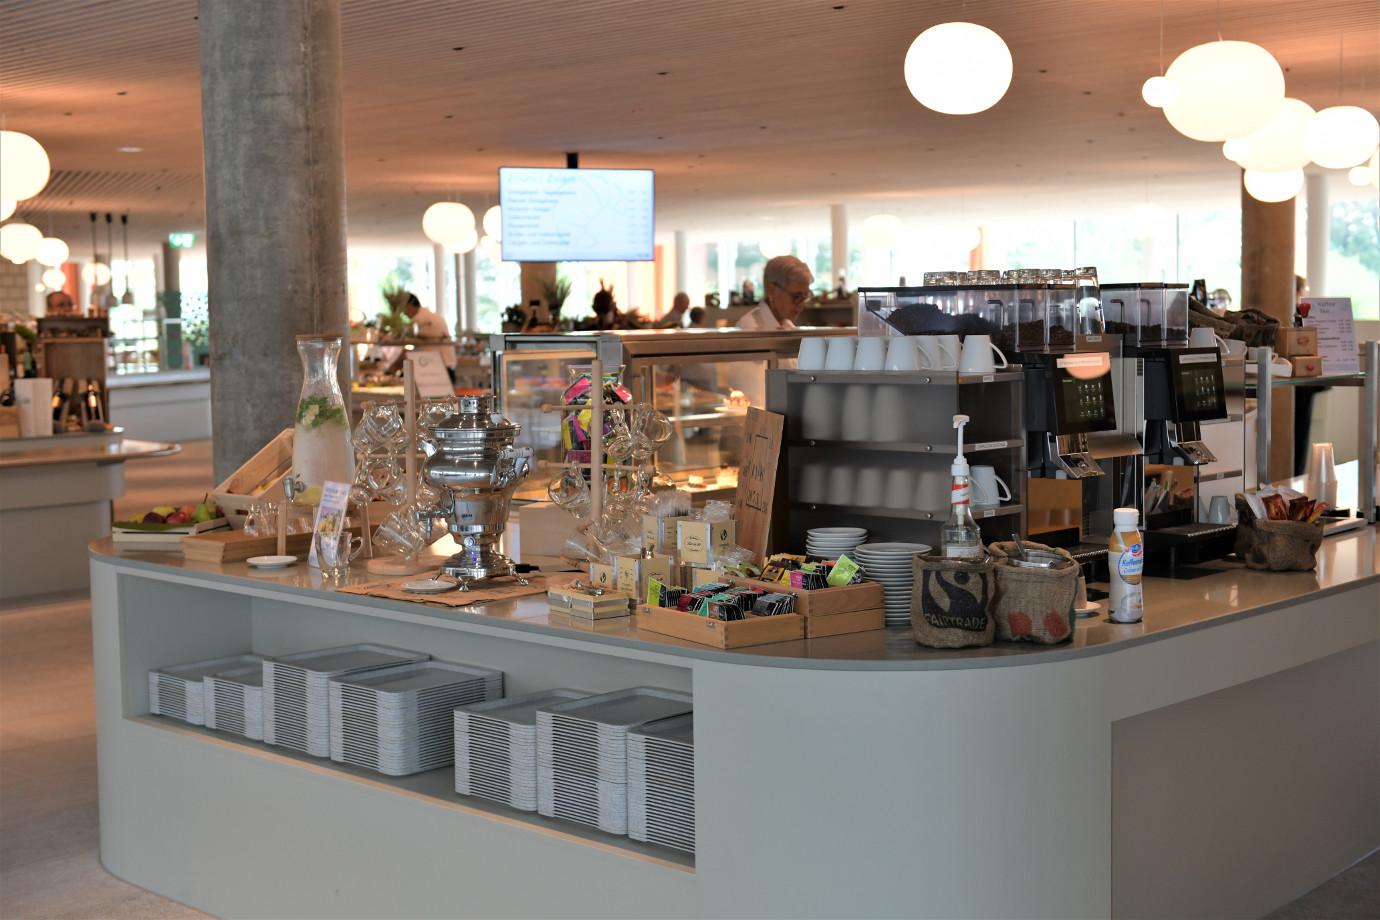 Kaffee-, Teestation